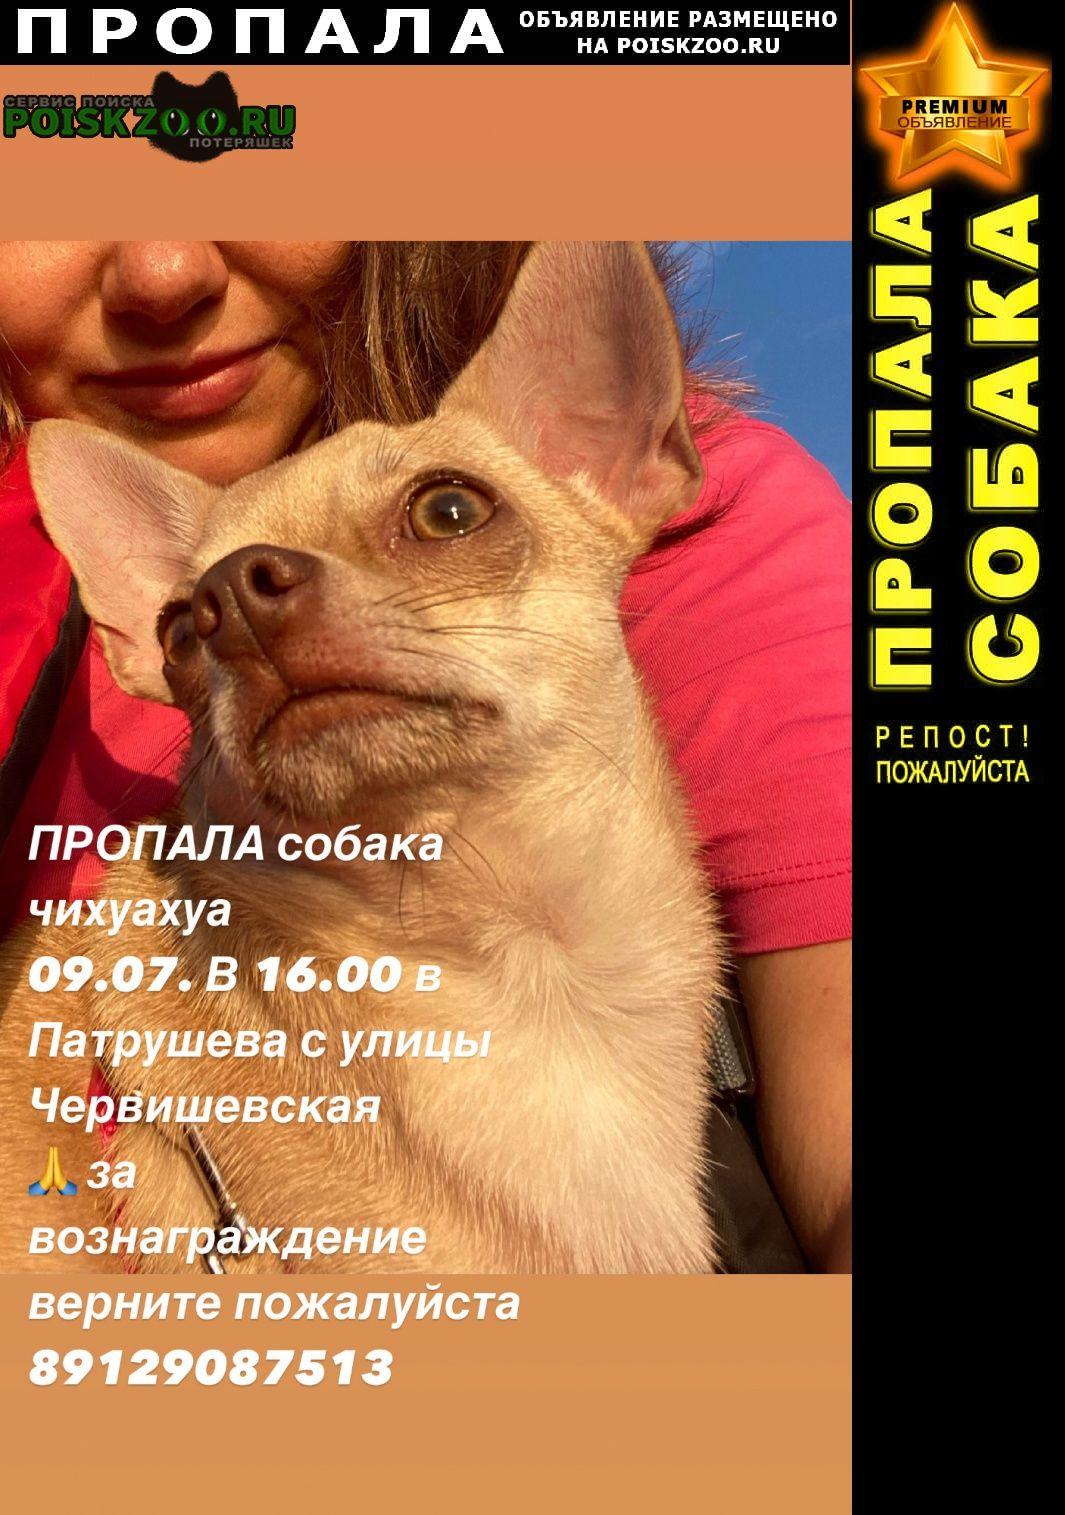 Пропала собака кобель за вознаграждение Тюмень